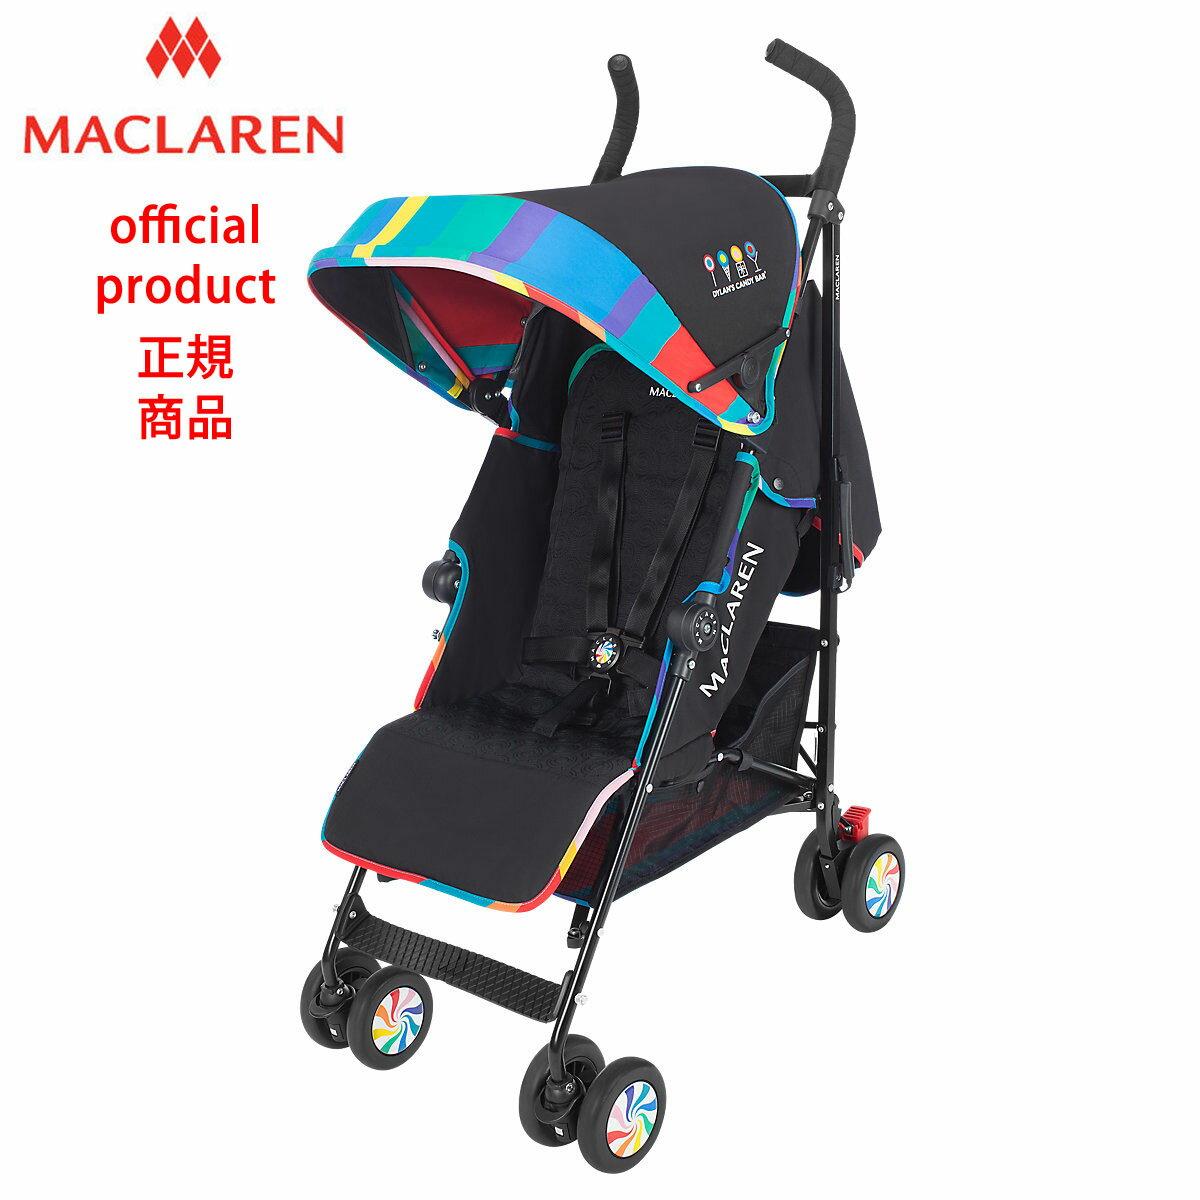 【楽天市場】【正規商品】【公認メンテナンスセンター直営】マクラーレン クエスト Maclaren Quest